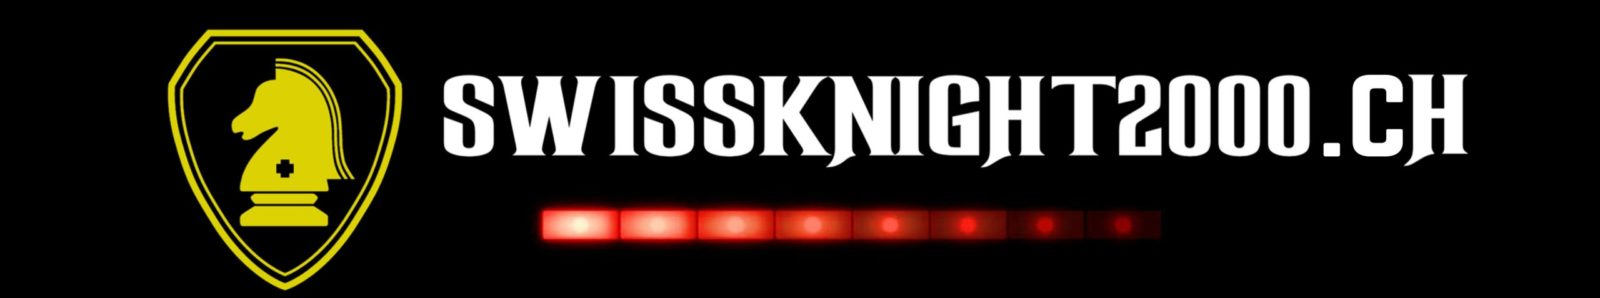 SWISSKNIGHT2000